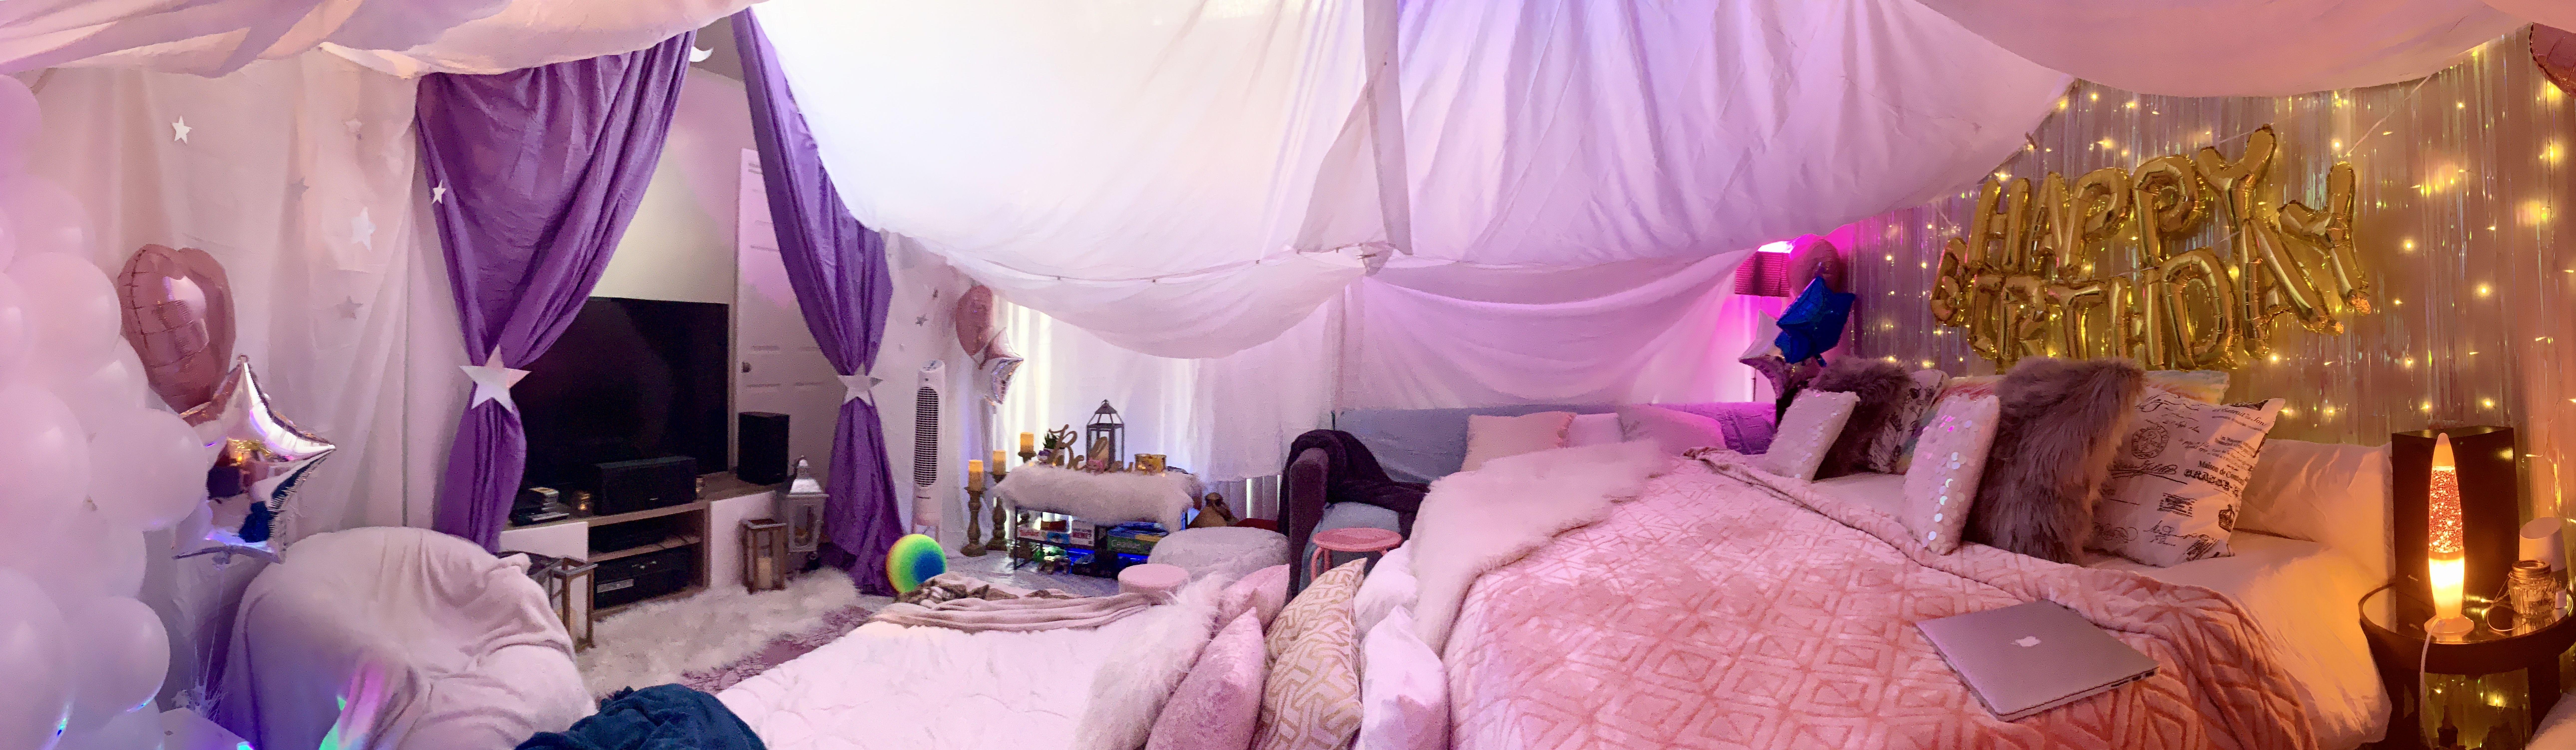 DIY Epic blanket fort for a slumber party